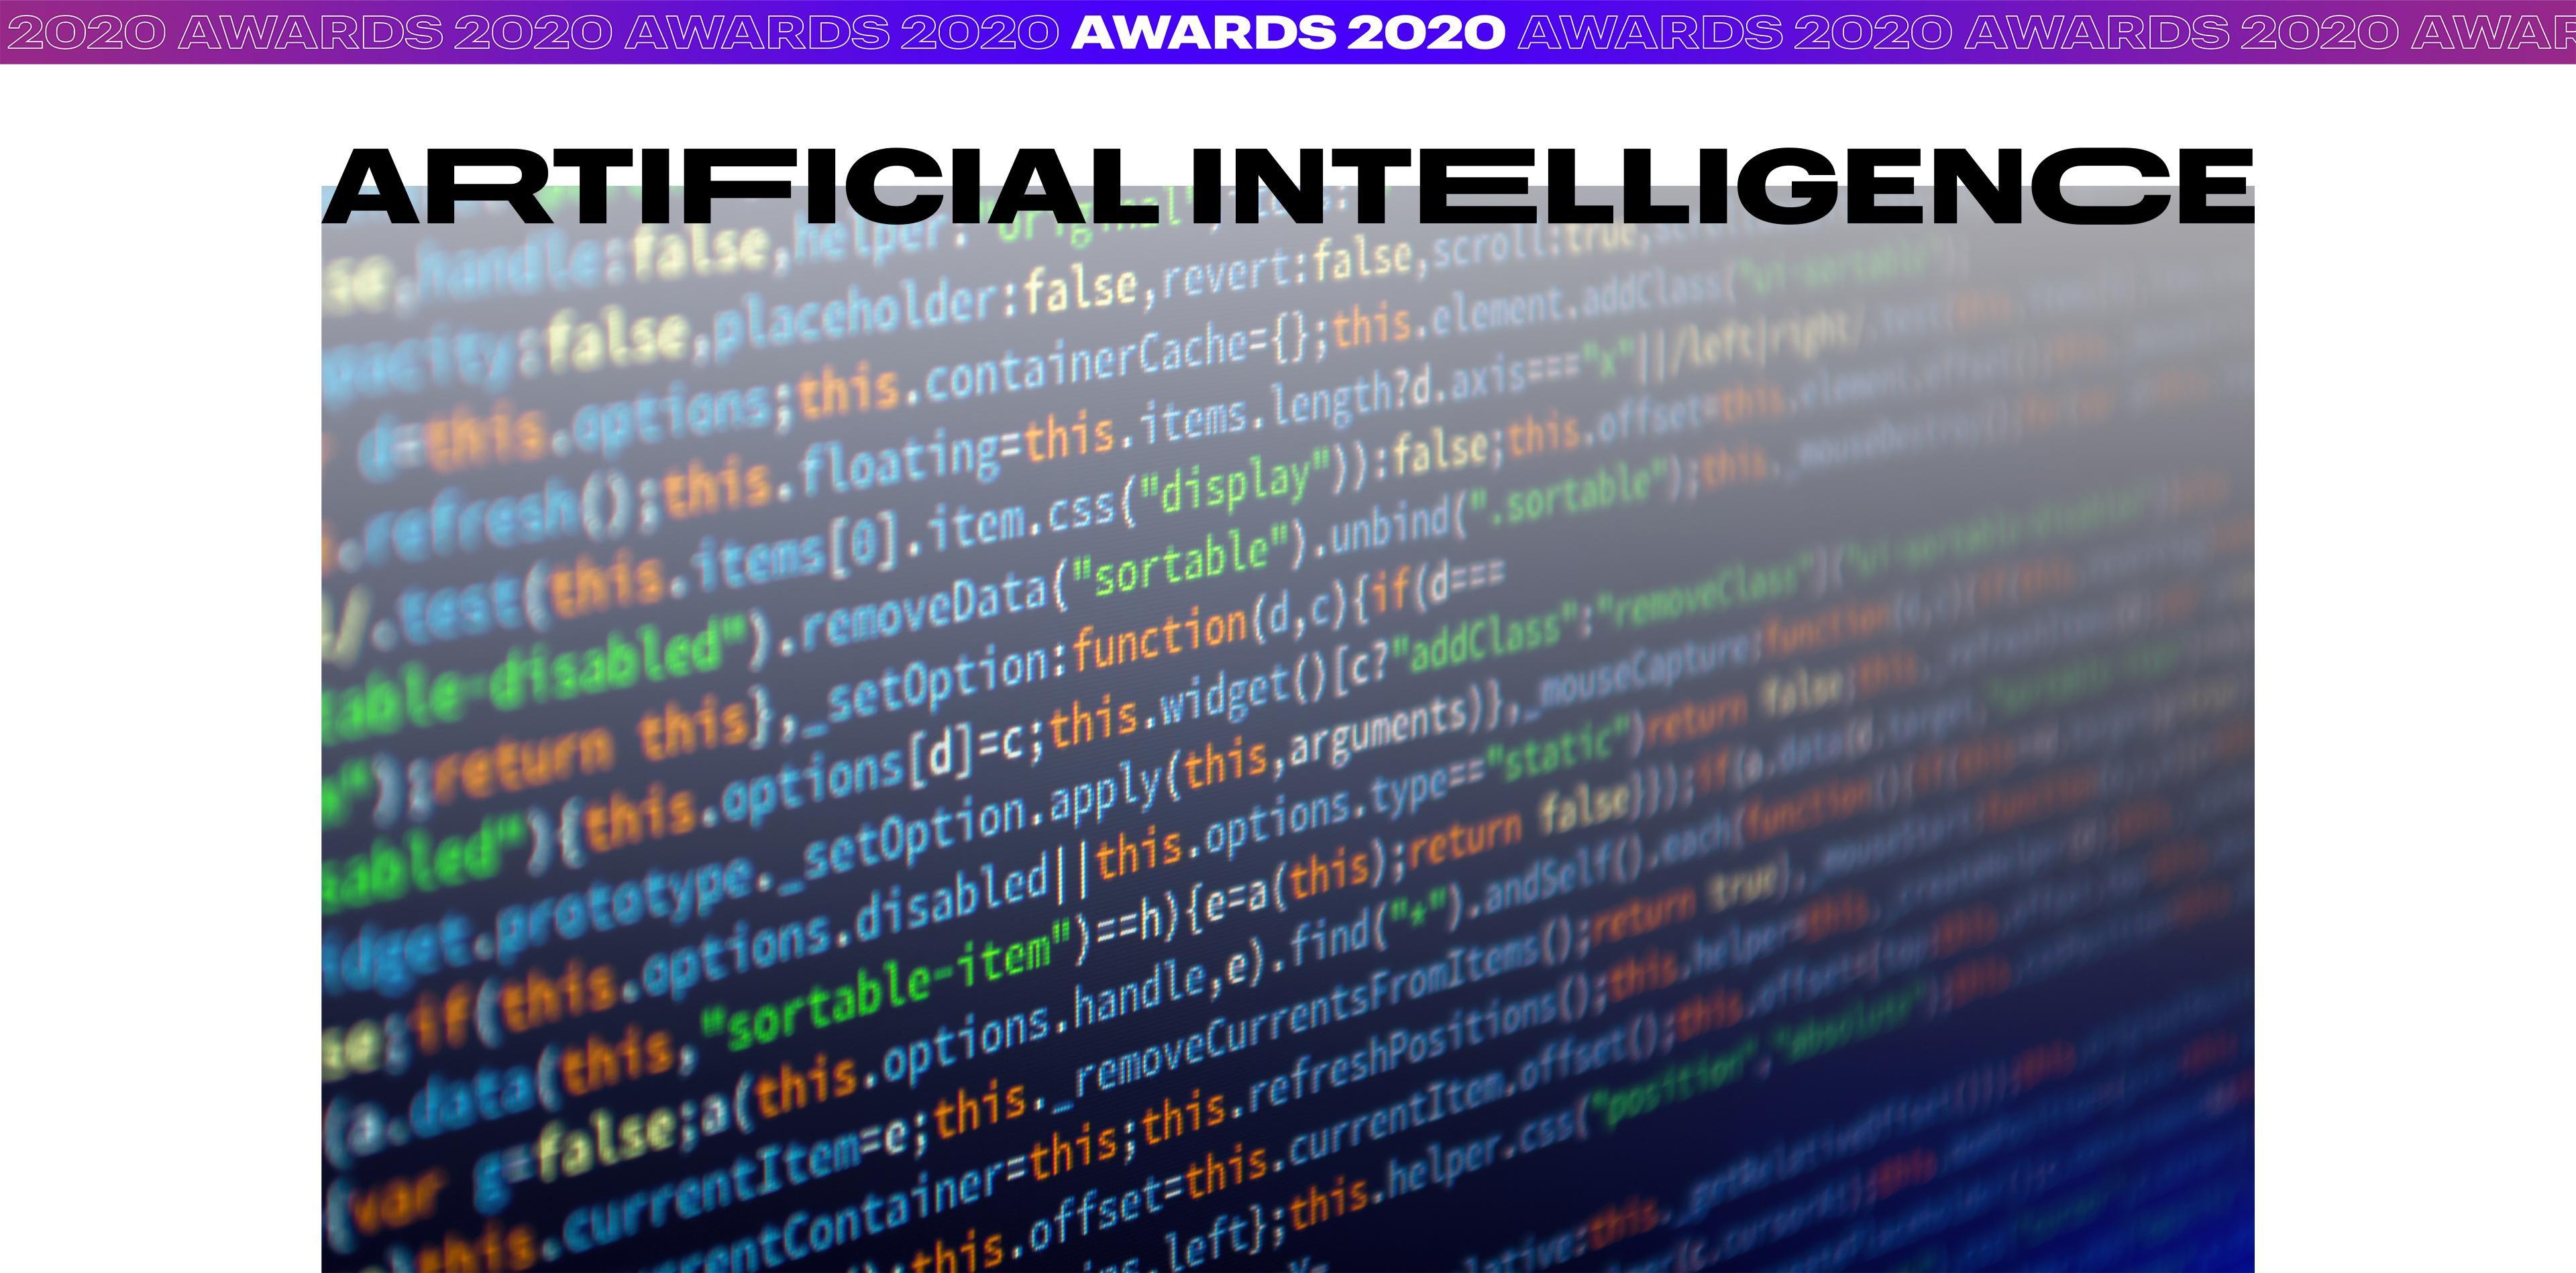 福布斯公布人工智能领域大奖:谷歌智能撰写入选最佳产品